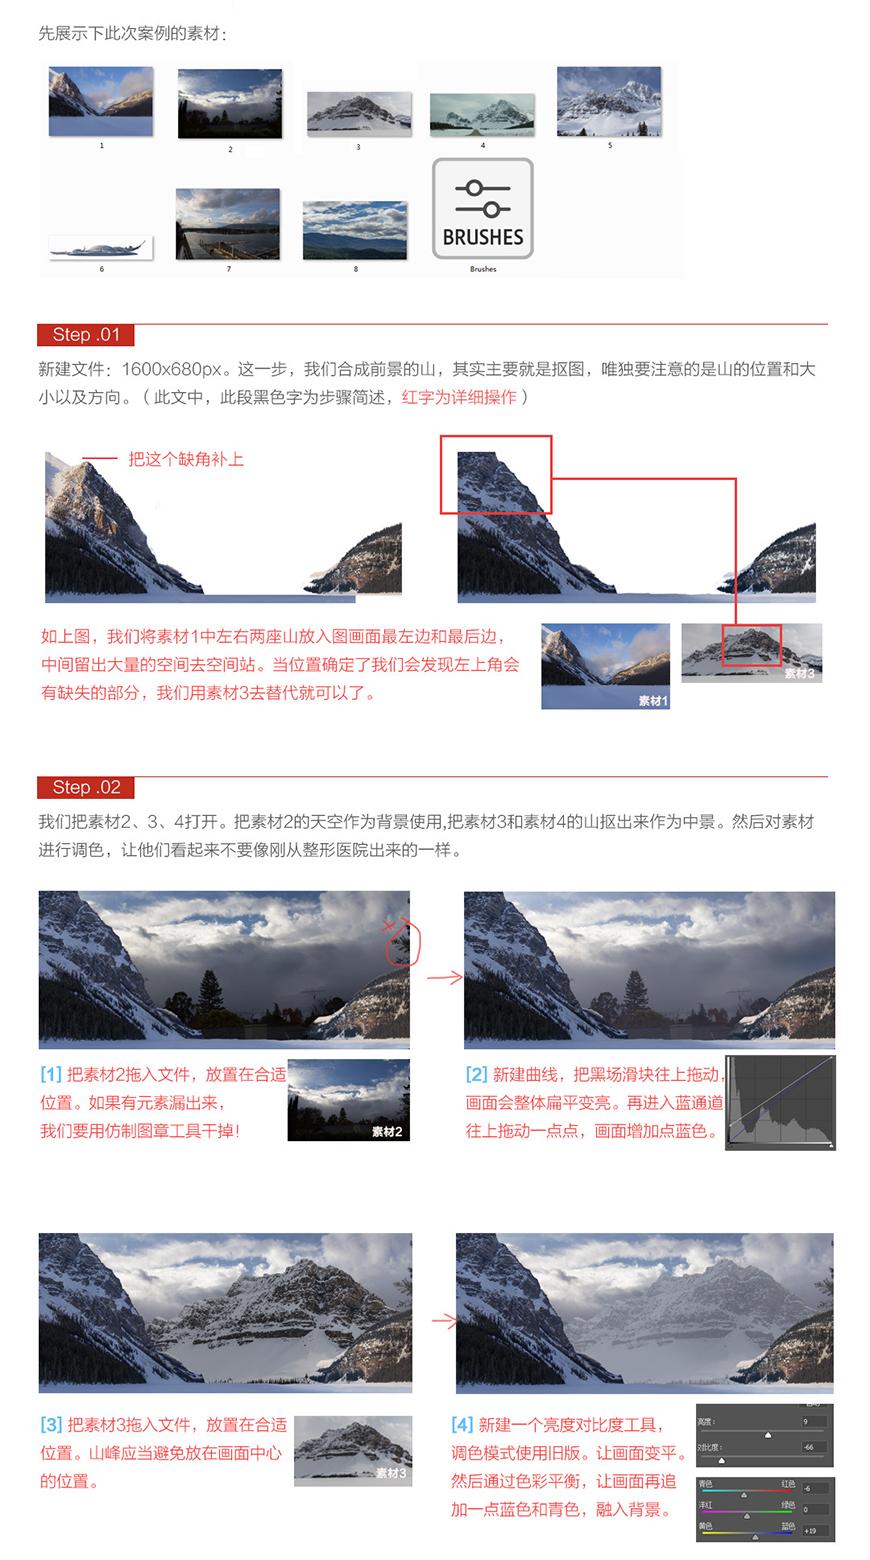 雪山合成:用PS合成全景雪山场景图